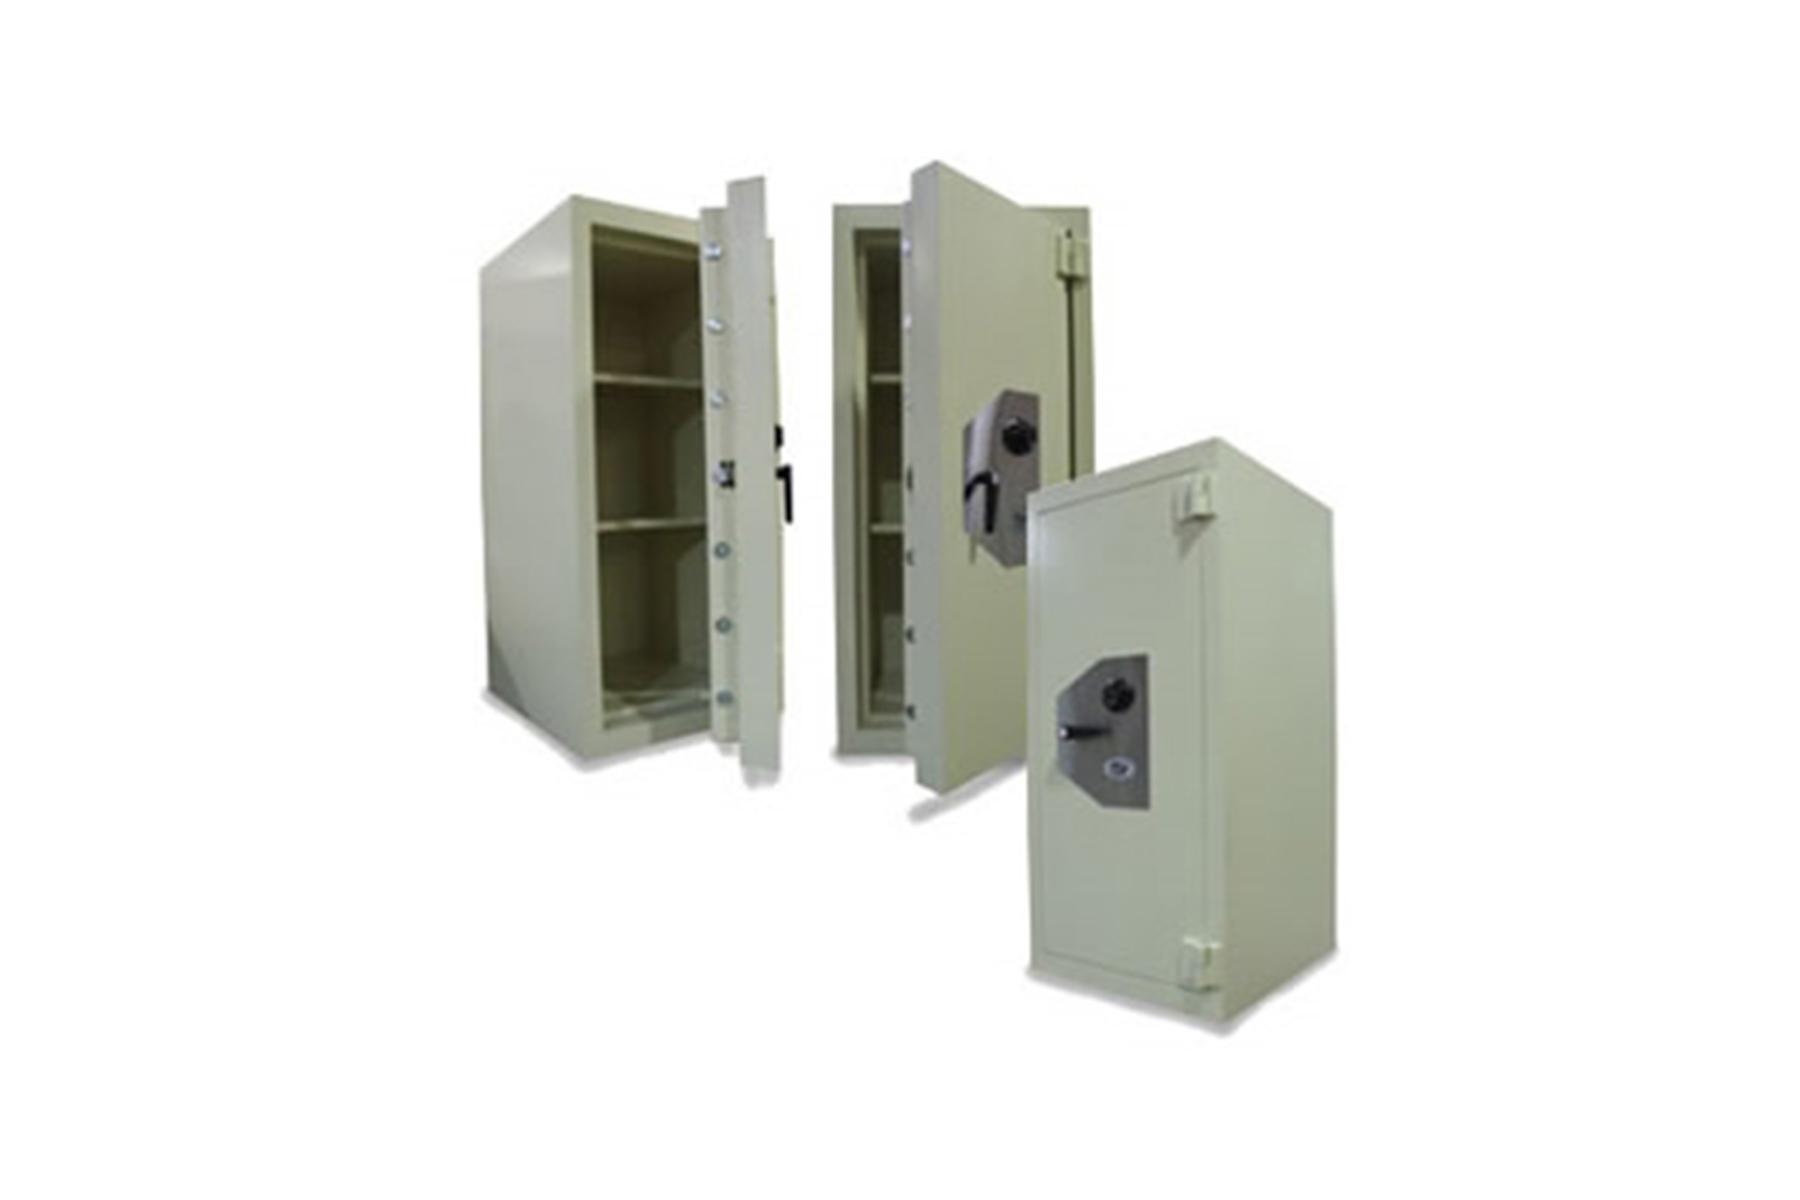 MGM TL-30 Composite Safe